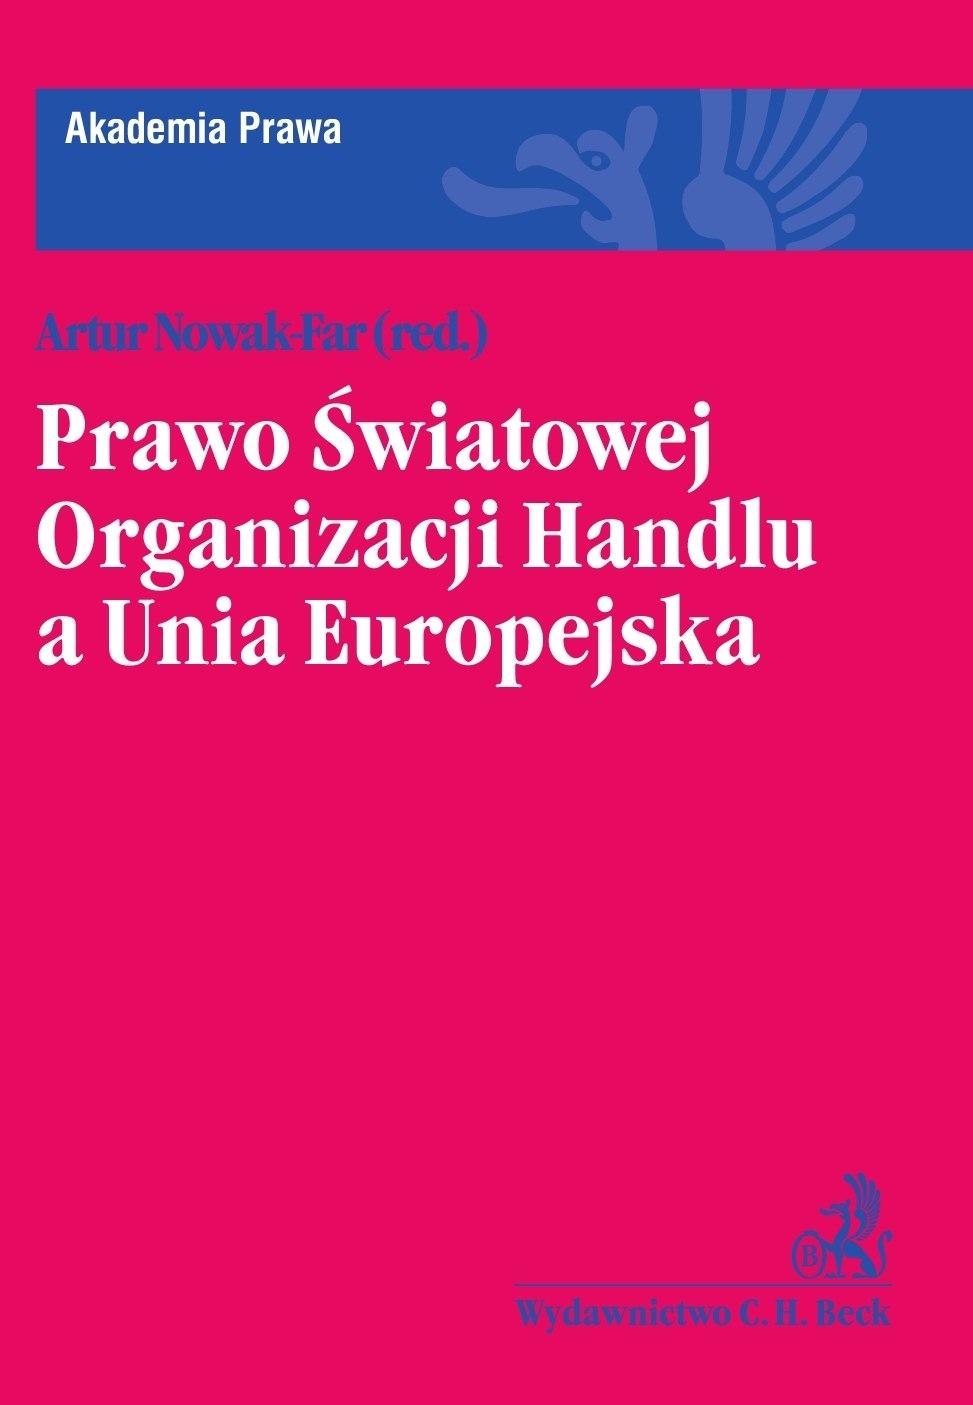 Prawo Światowej Organizacji Handlu a Unia Europejska - Ebook (Książka PDF) do pobrania w formacie PDF